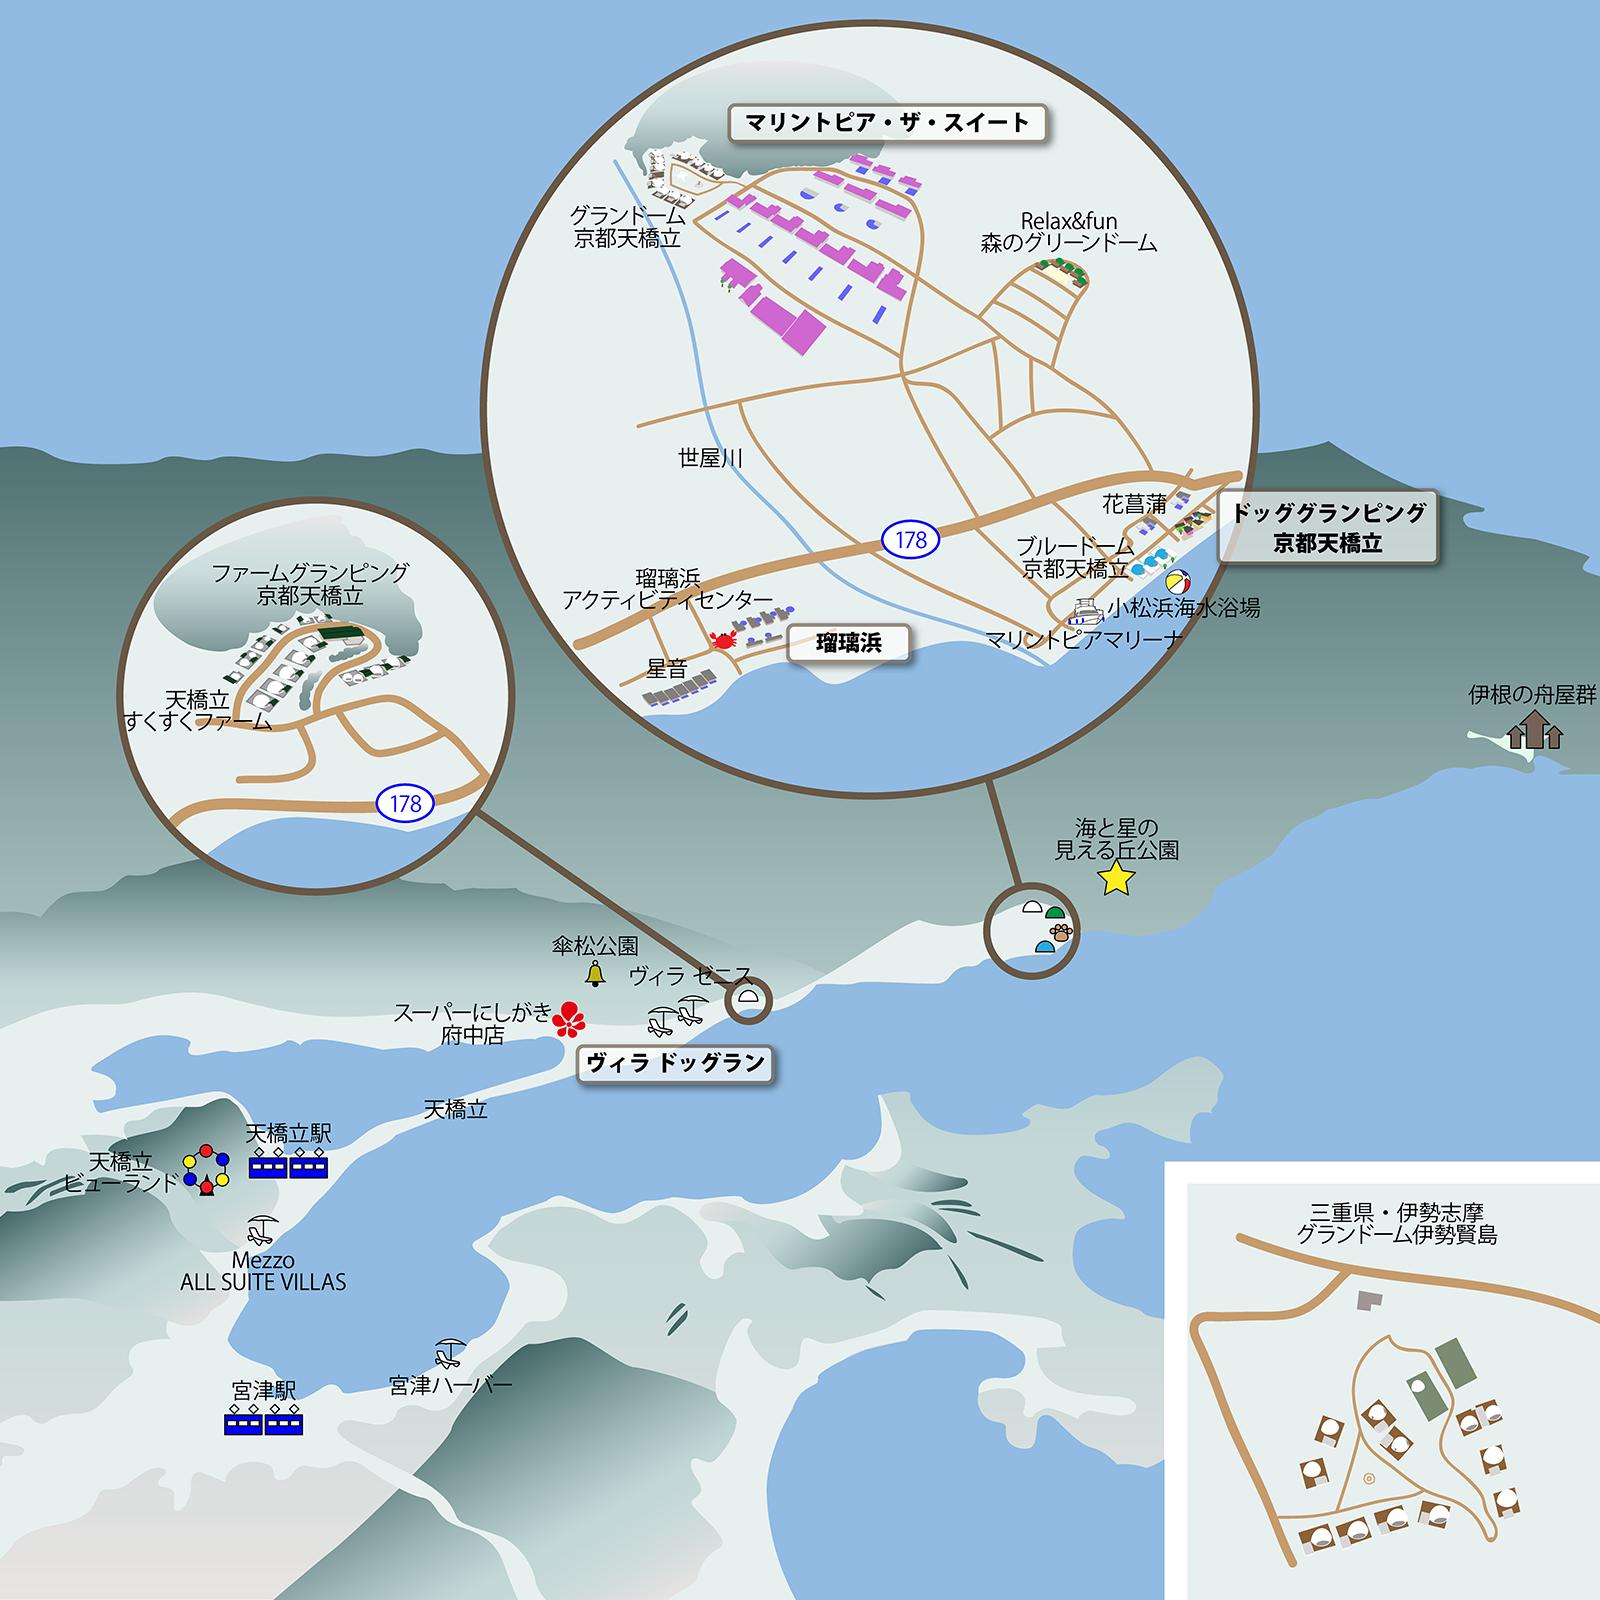 ドッググランピング京都天橋立漫画周辺マップ